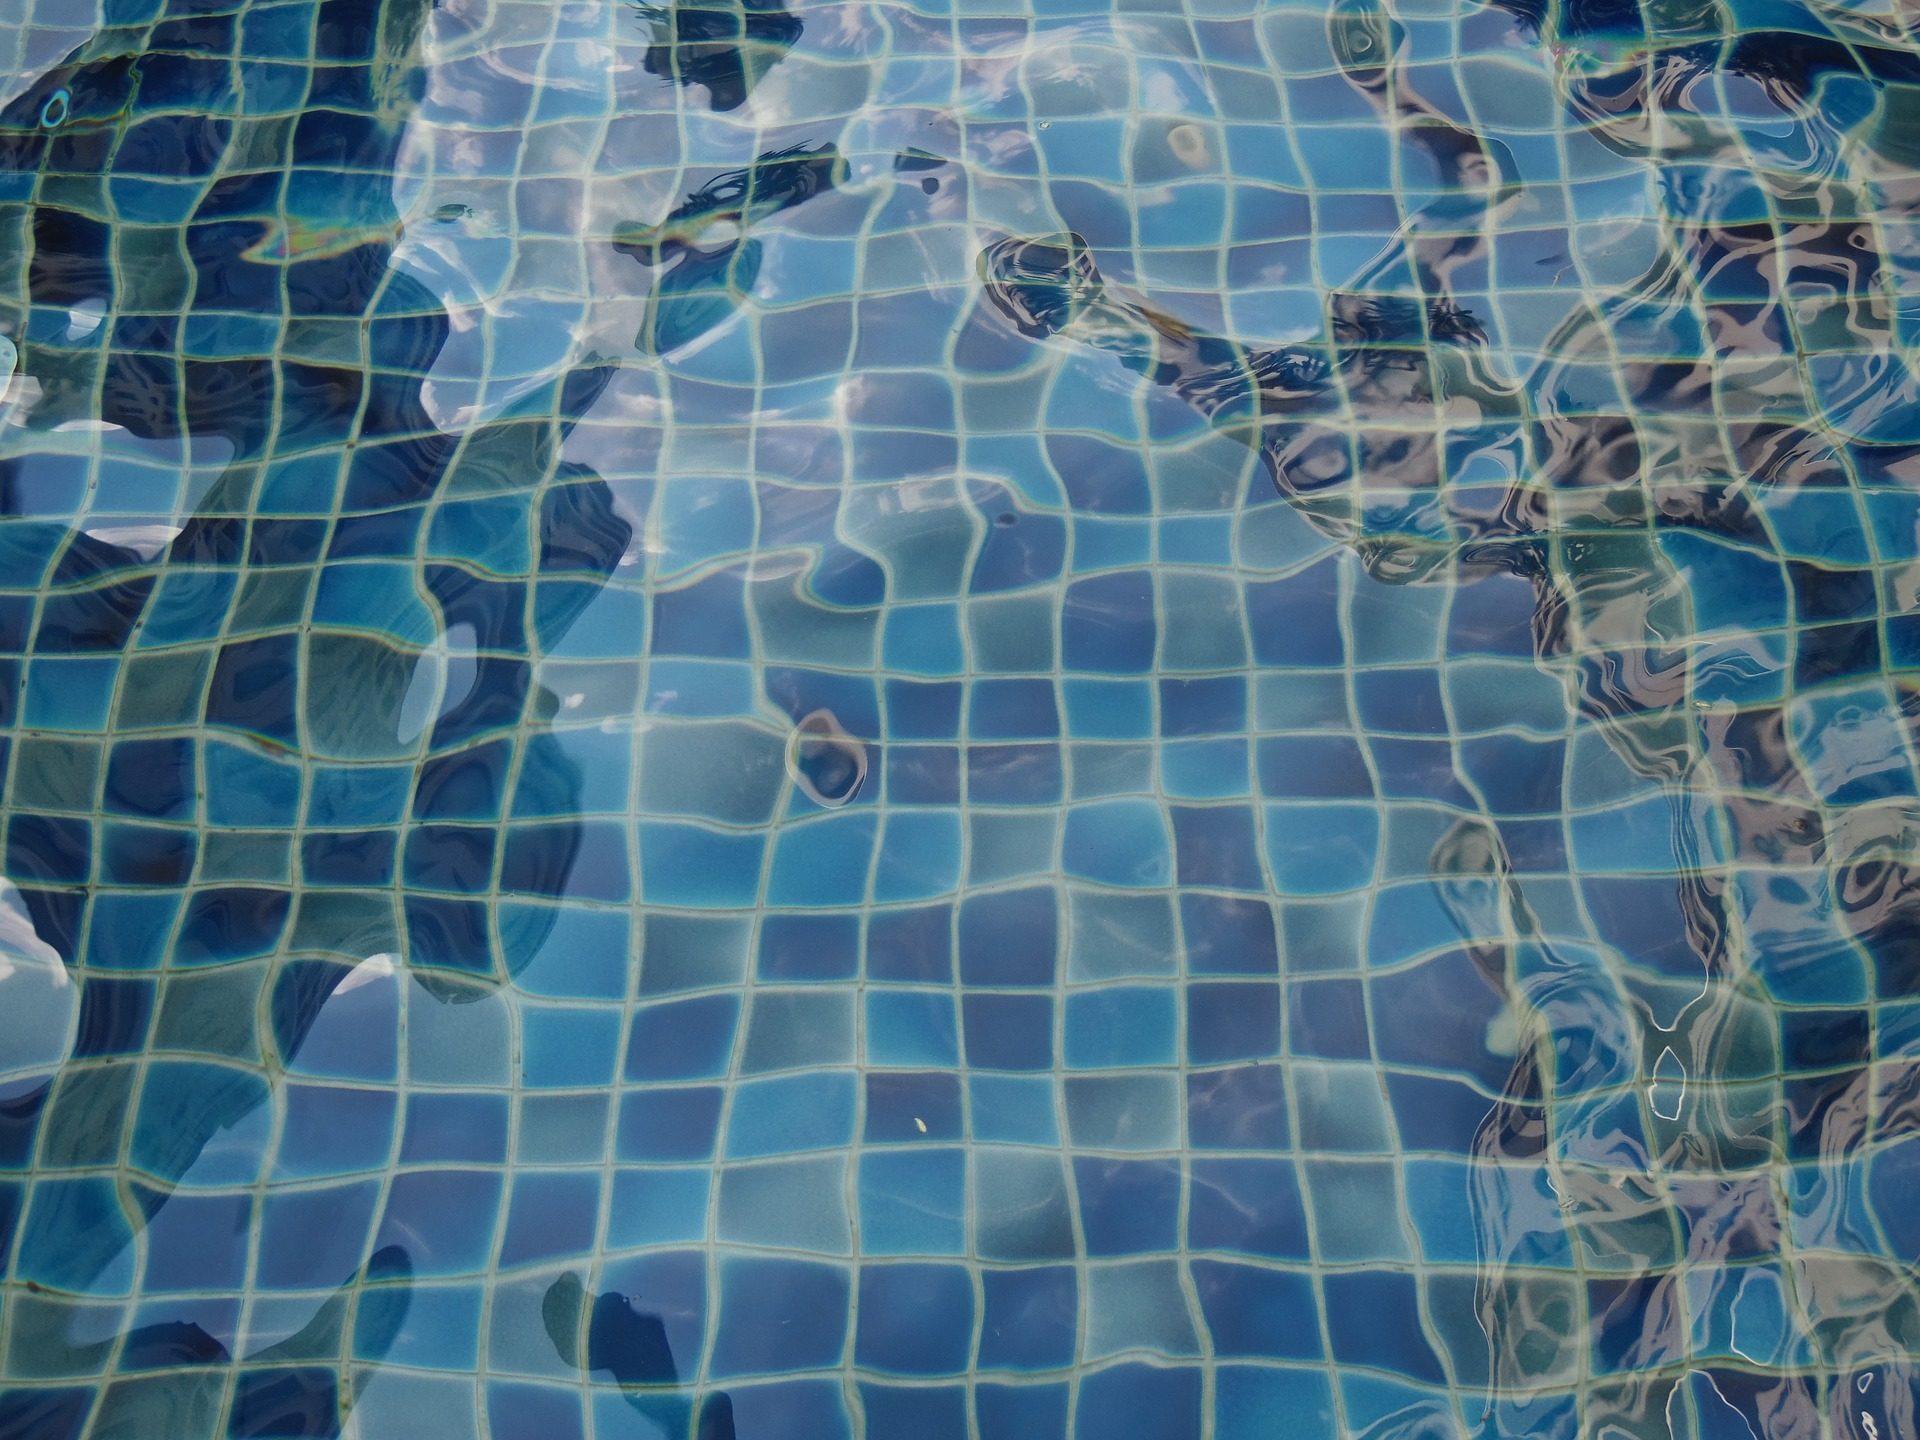 dss Bilsd zeigt eine PVC Schwimmbadfolie im Mosaik Design